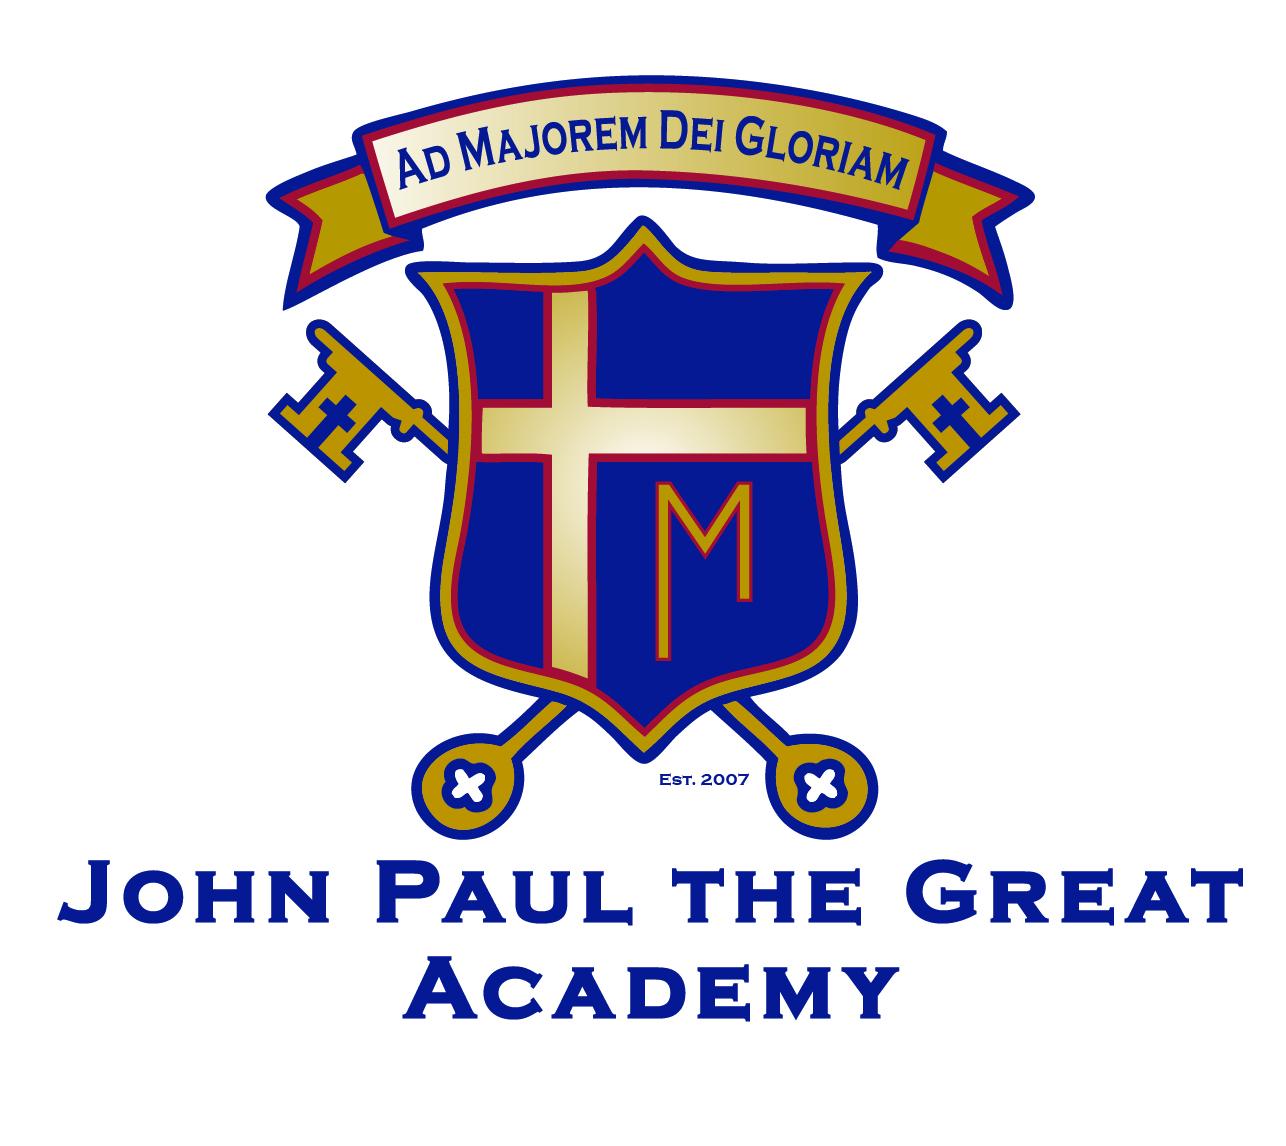 John Paul the Great Academy